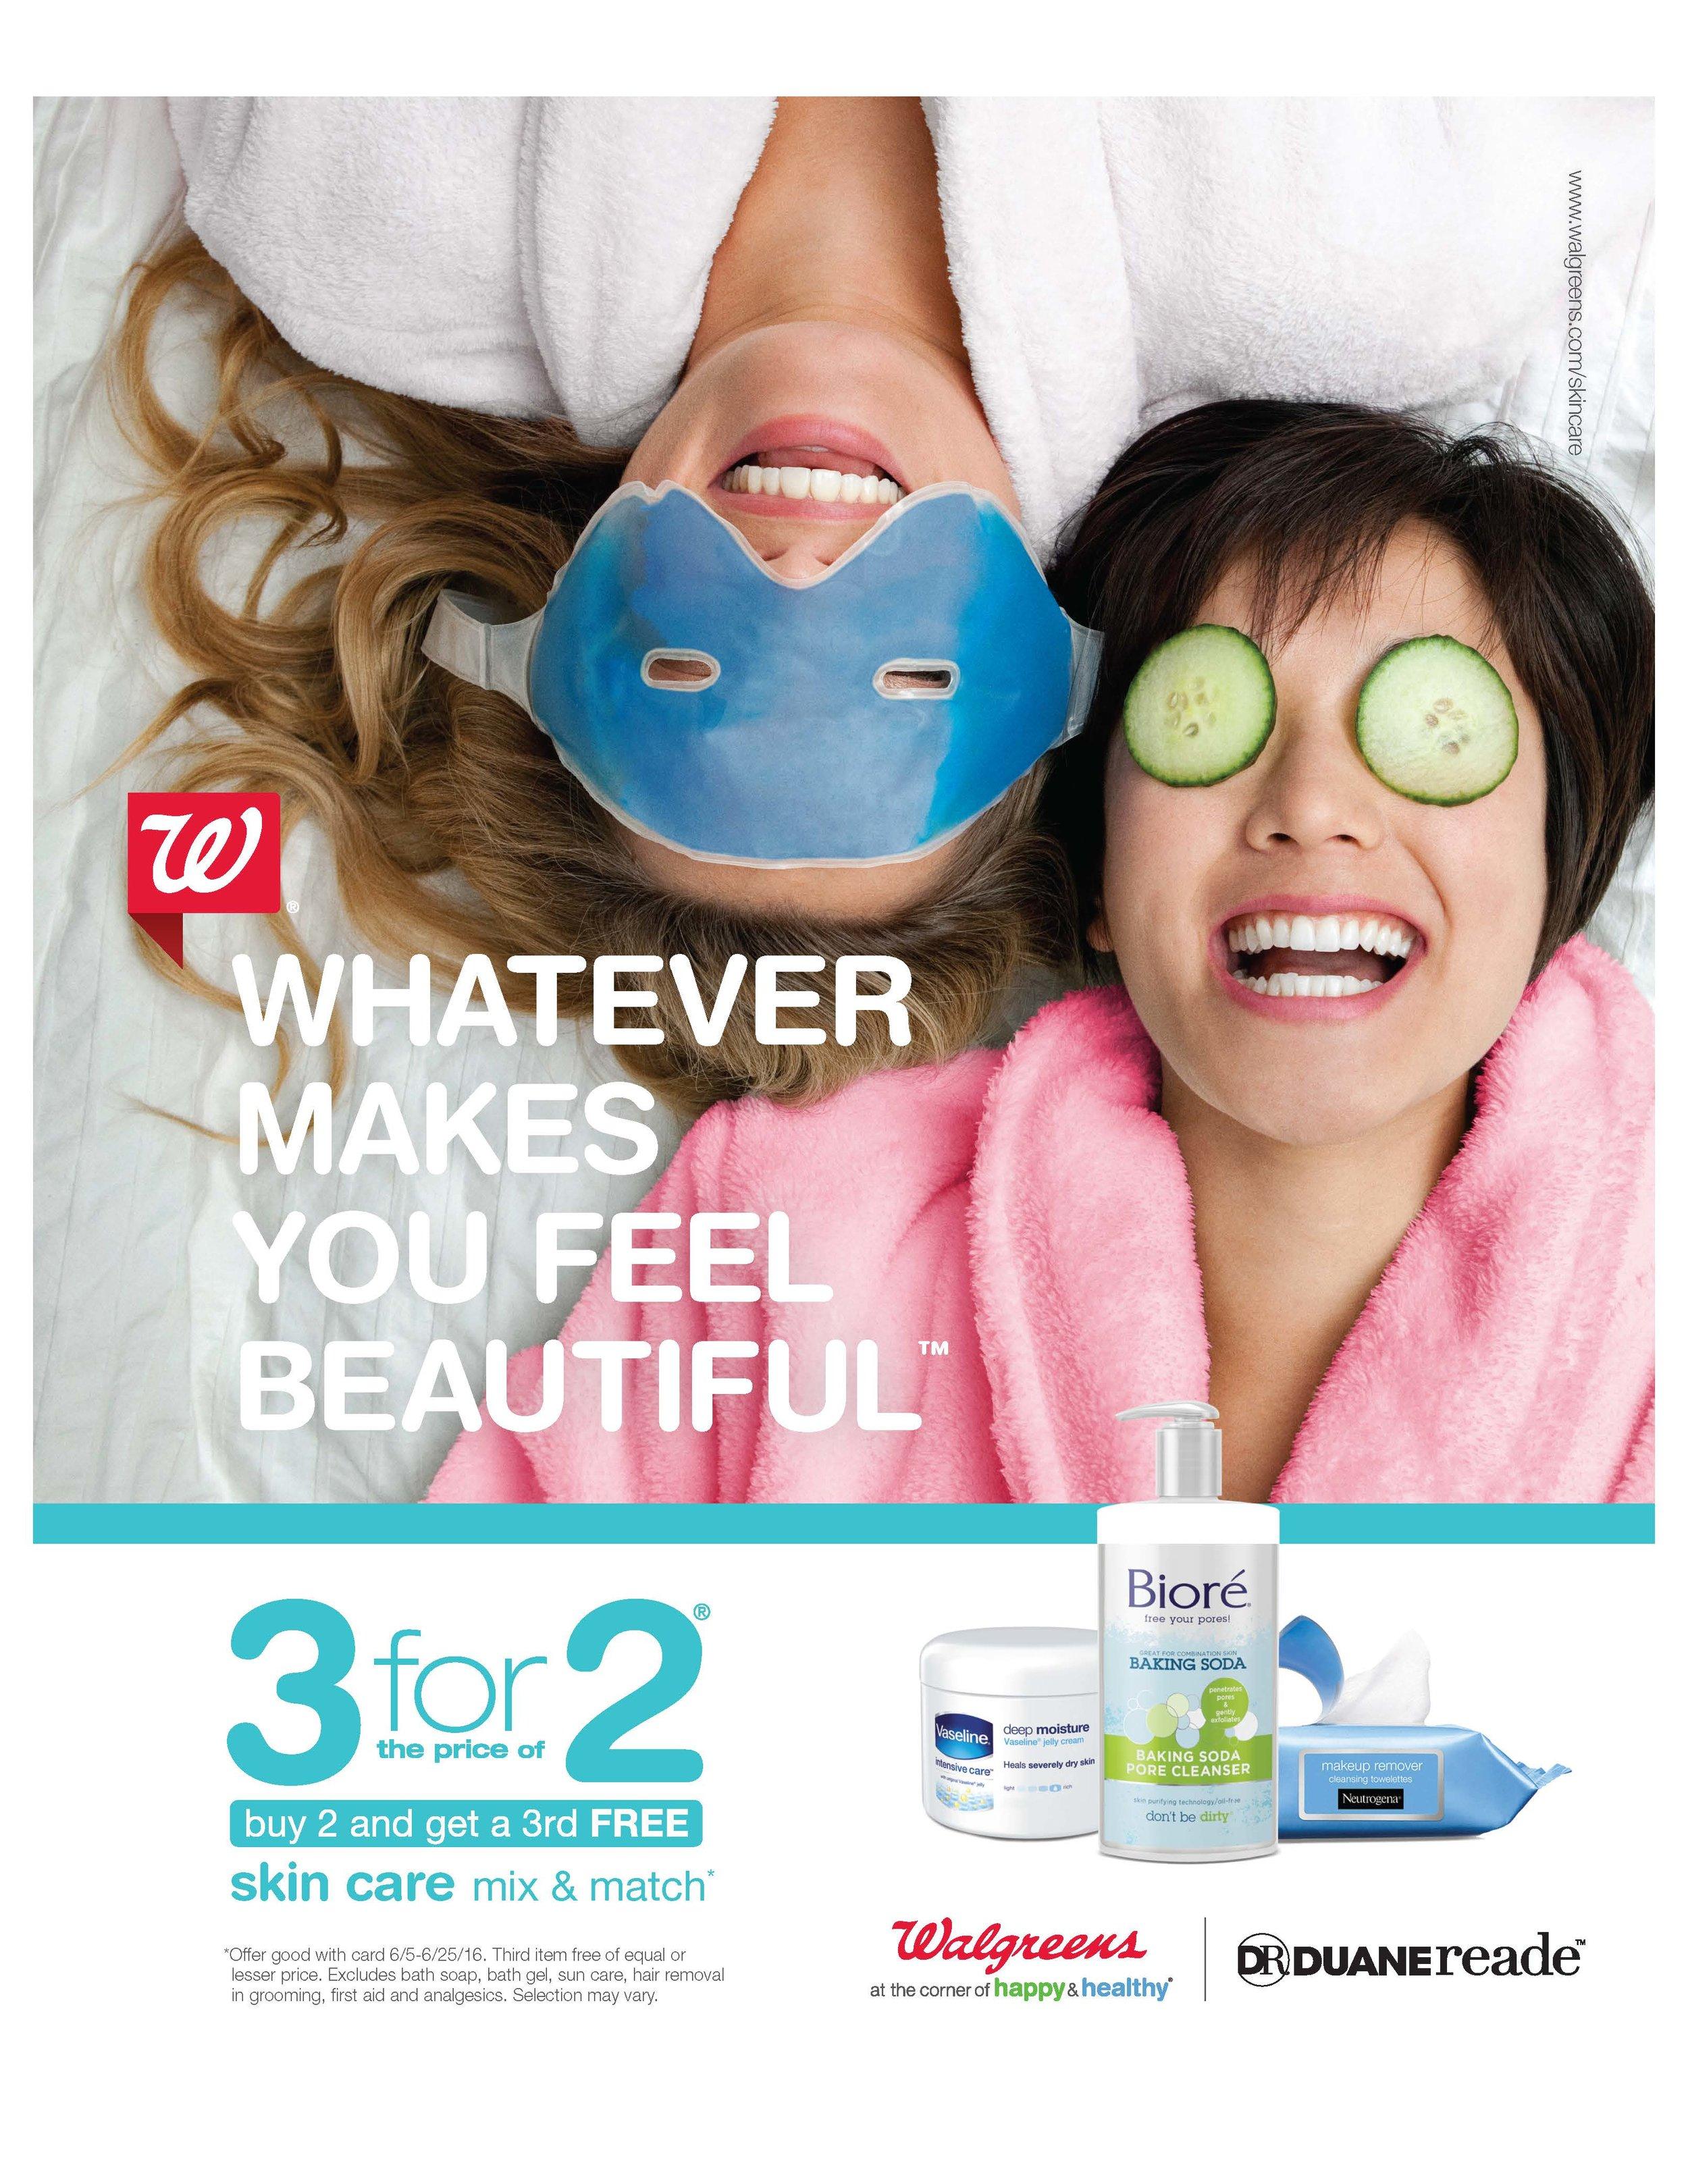 WAGBEA16007_FeelBeautiful_Skincare_RealSimple_B107DR_8d875x10d875.jpg